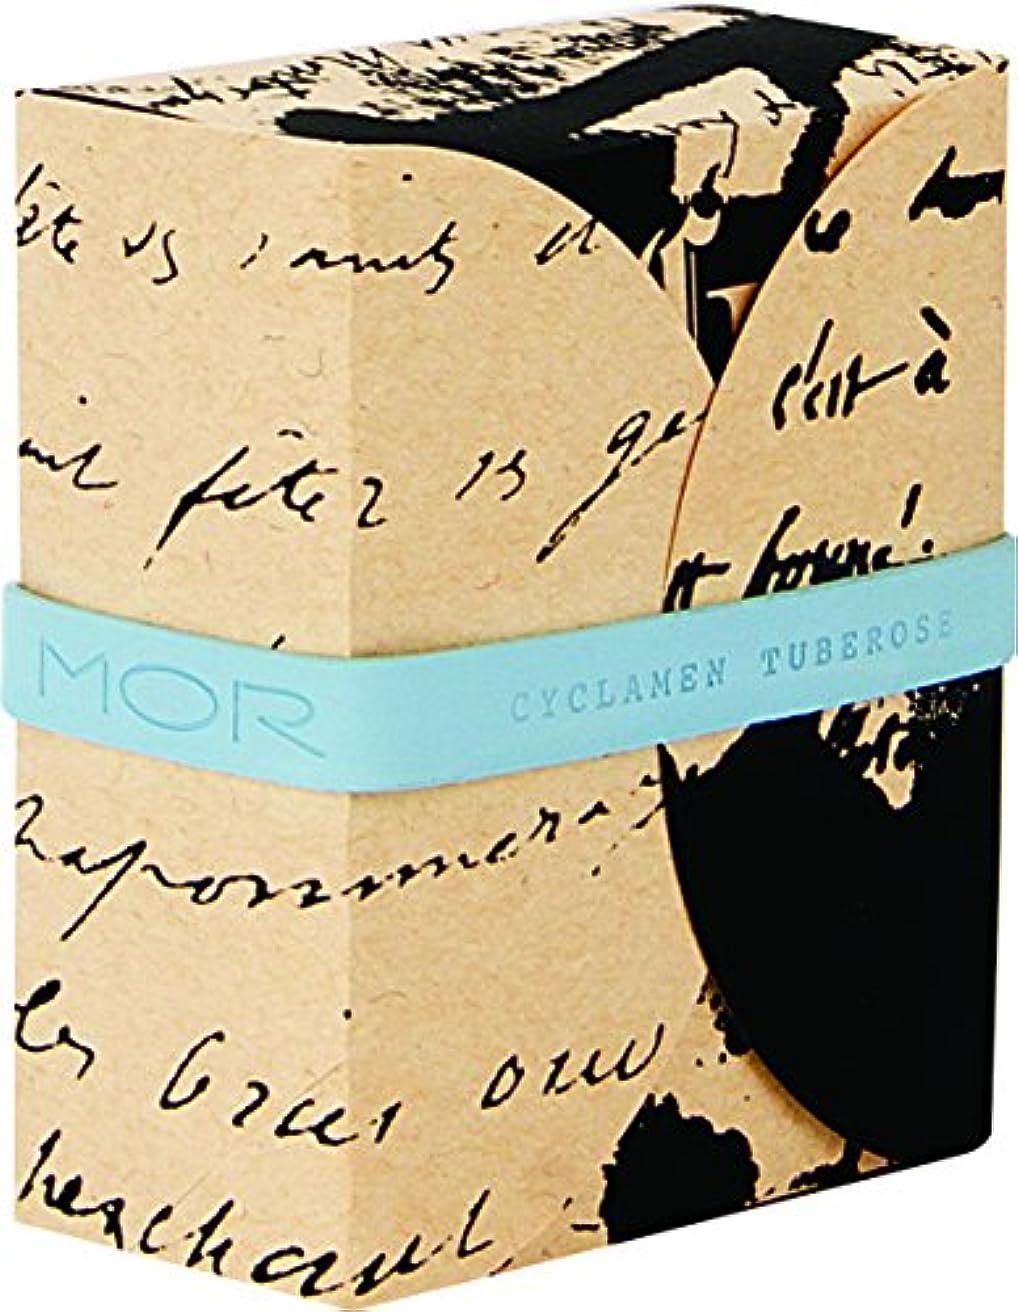 フラフープ座る悪党MOR(モア) コレスポンデンス トリプルミルドソープバー シクラメンチュベローズ 180g